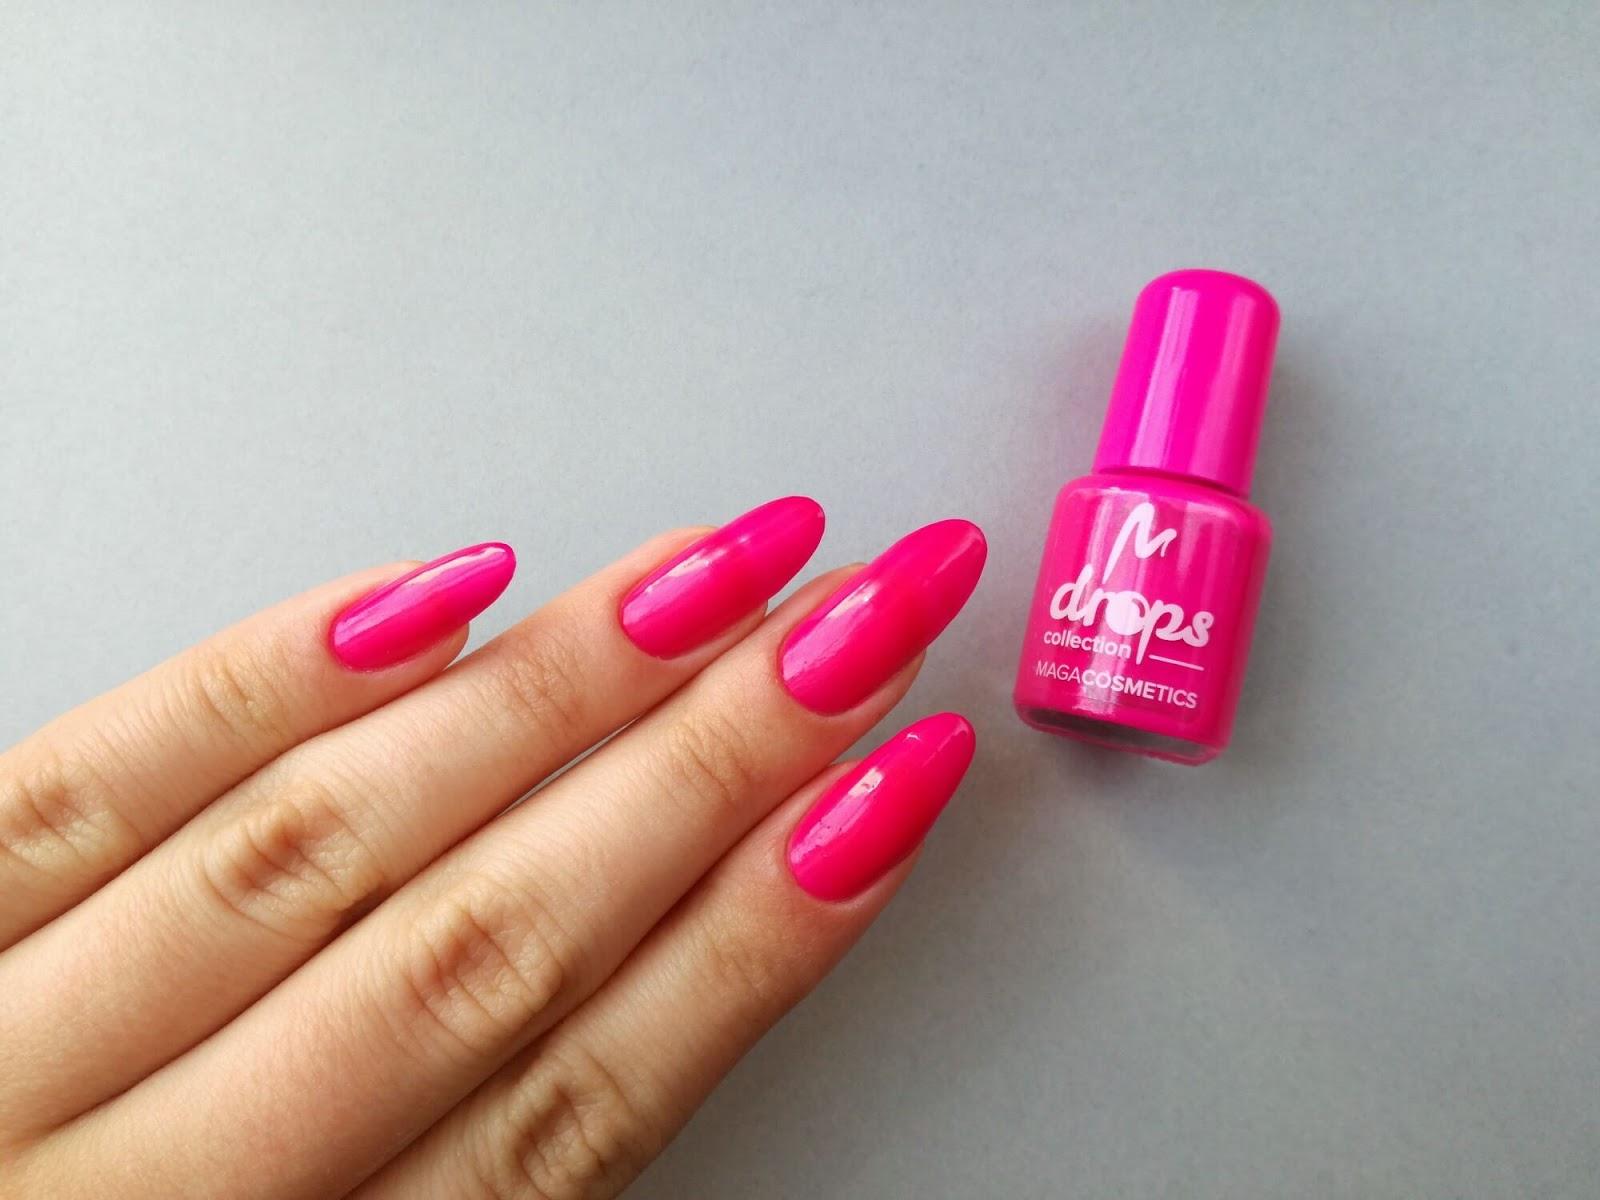 paznokcie neonowe różowe migdałki